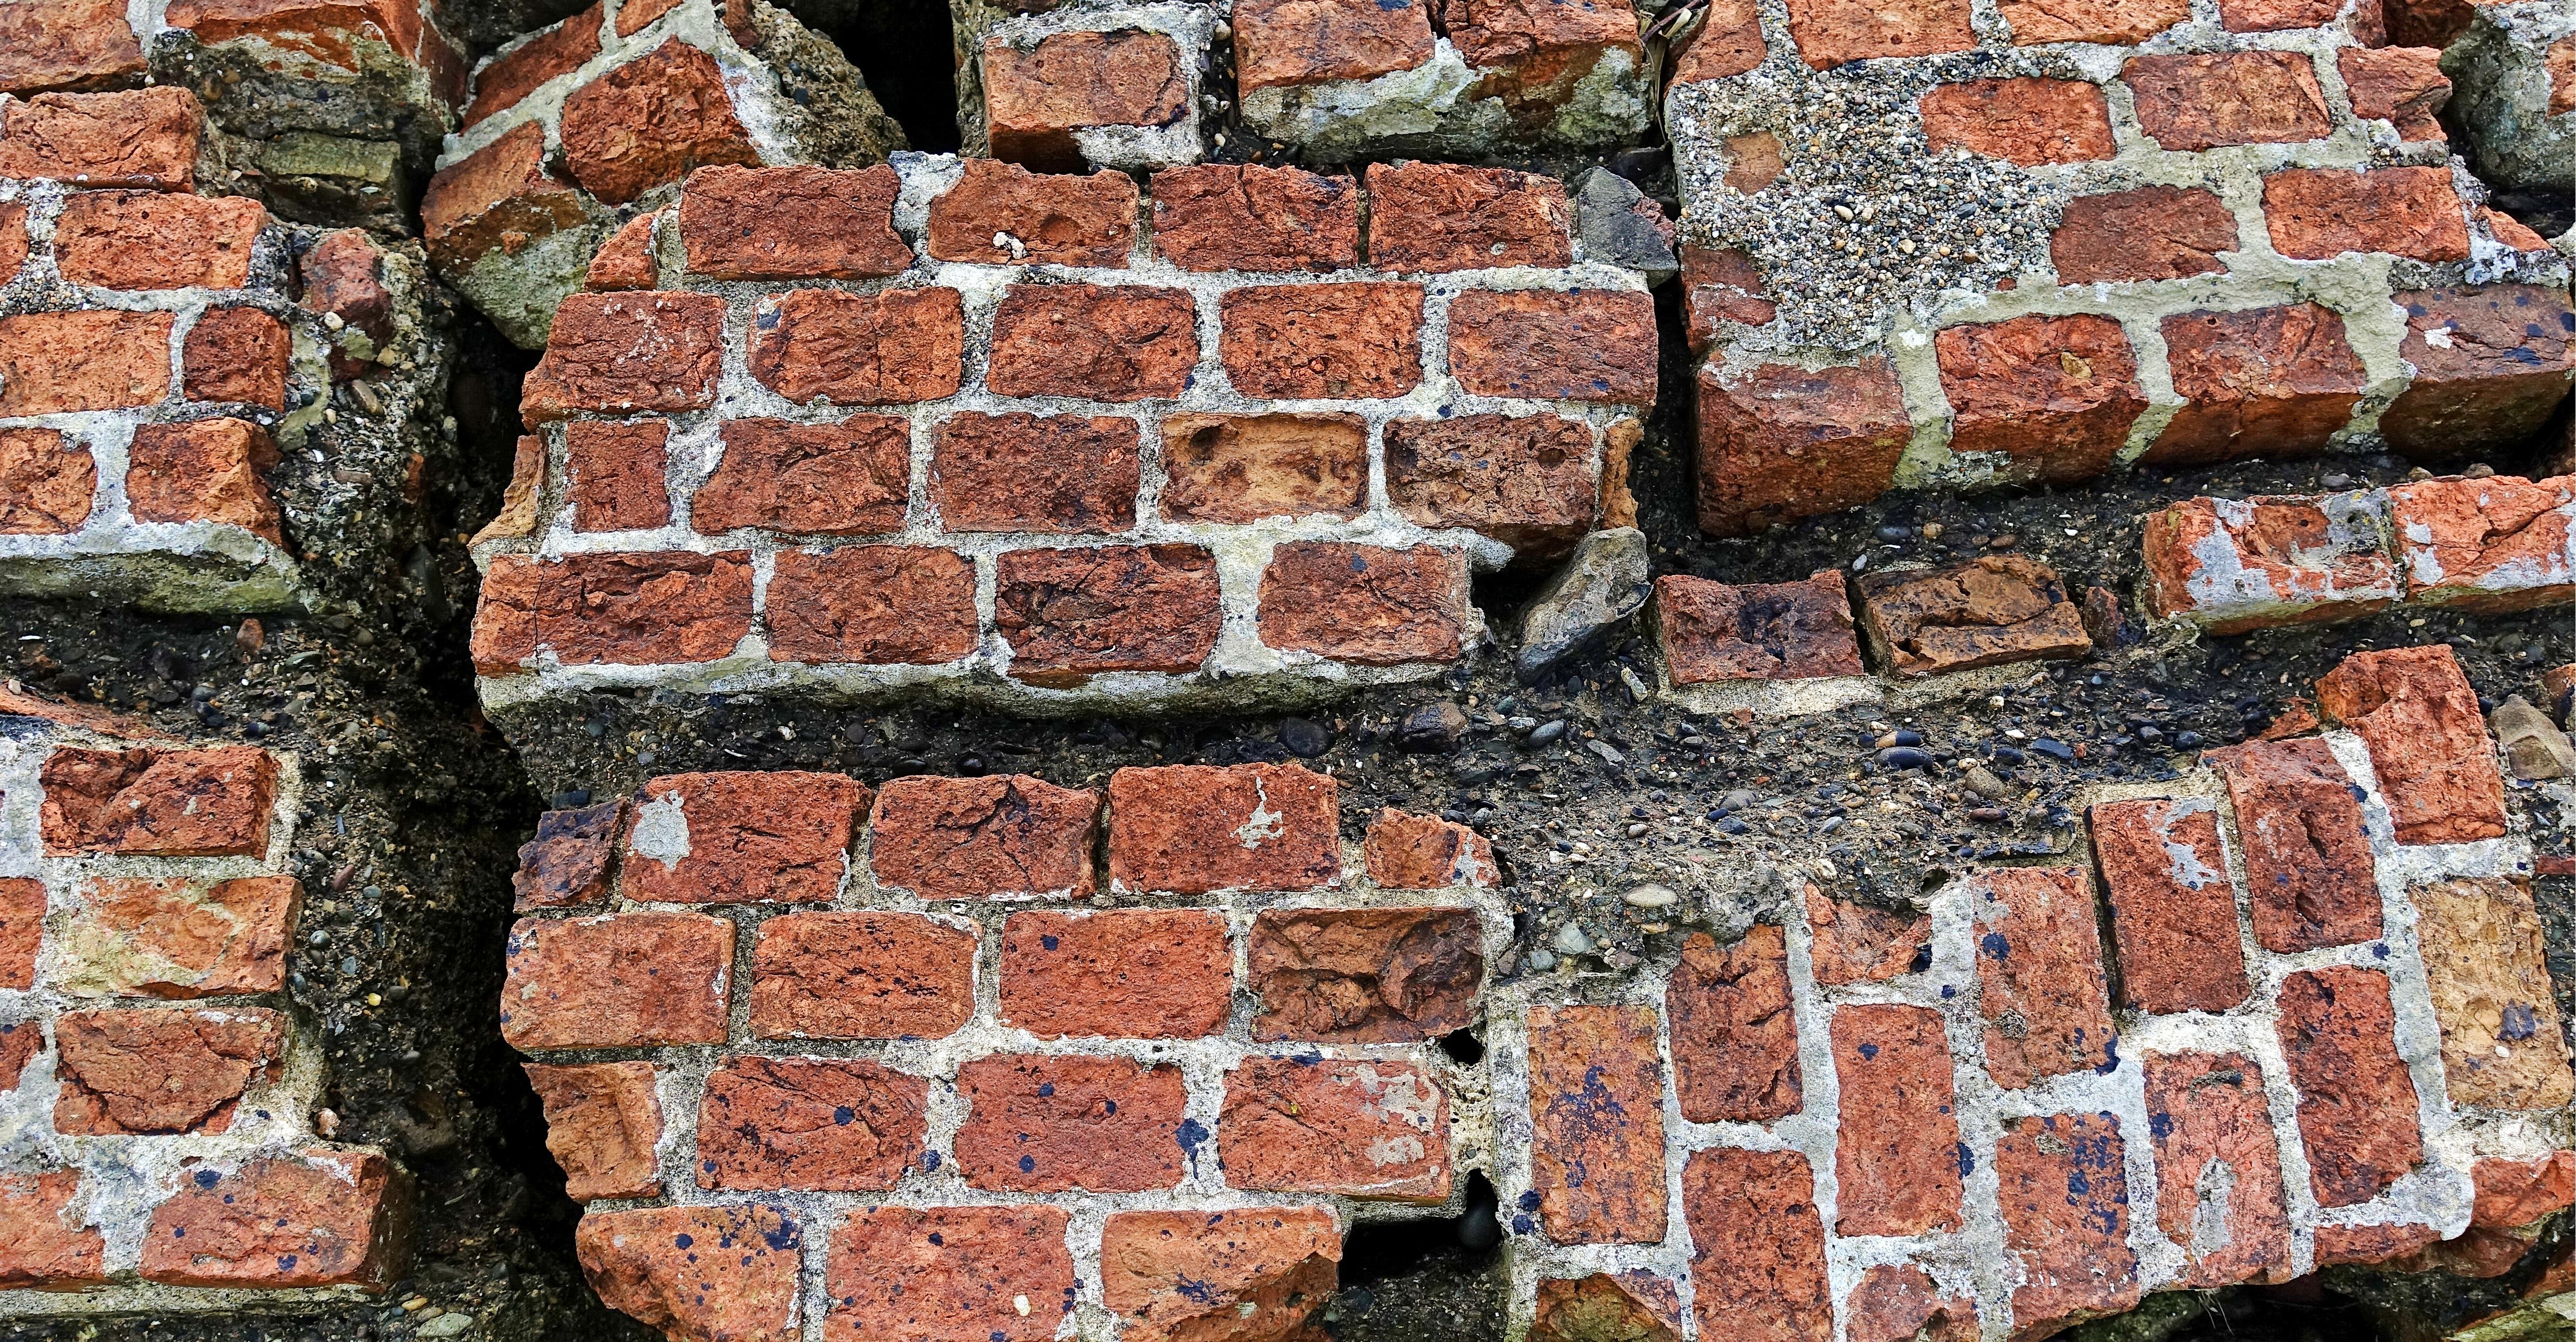 images gratuites roche structure b timent cass fissure mur de pierre pourriture se. Black Bedroom Furniture Sets. Home Design Ideas